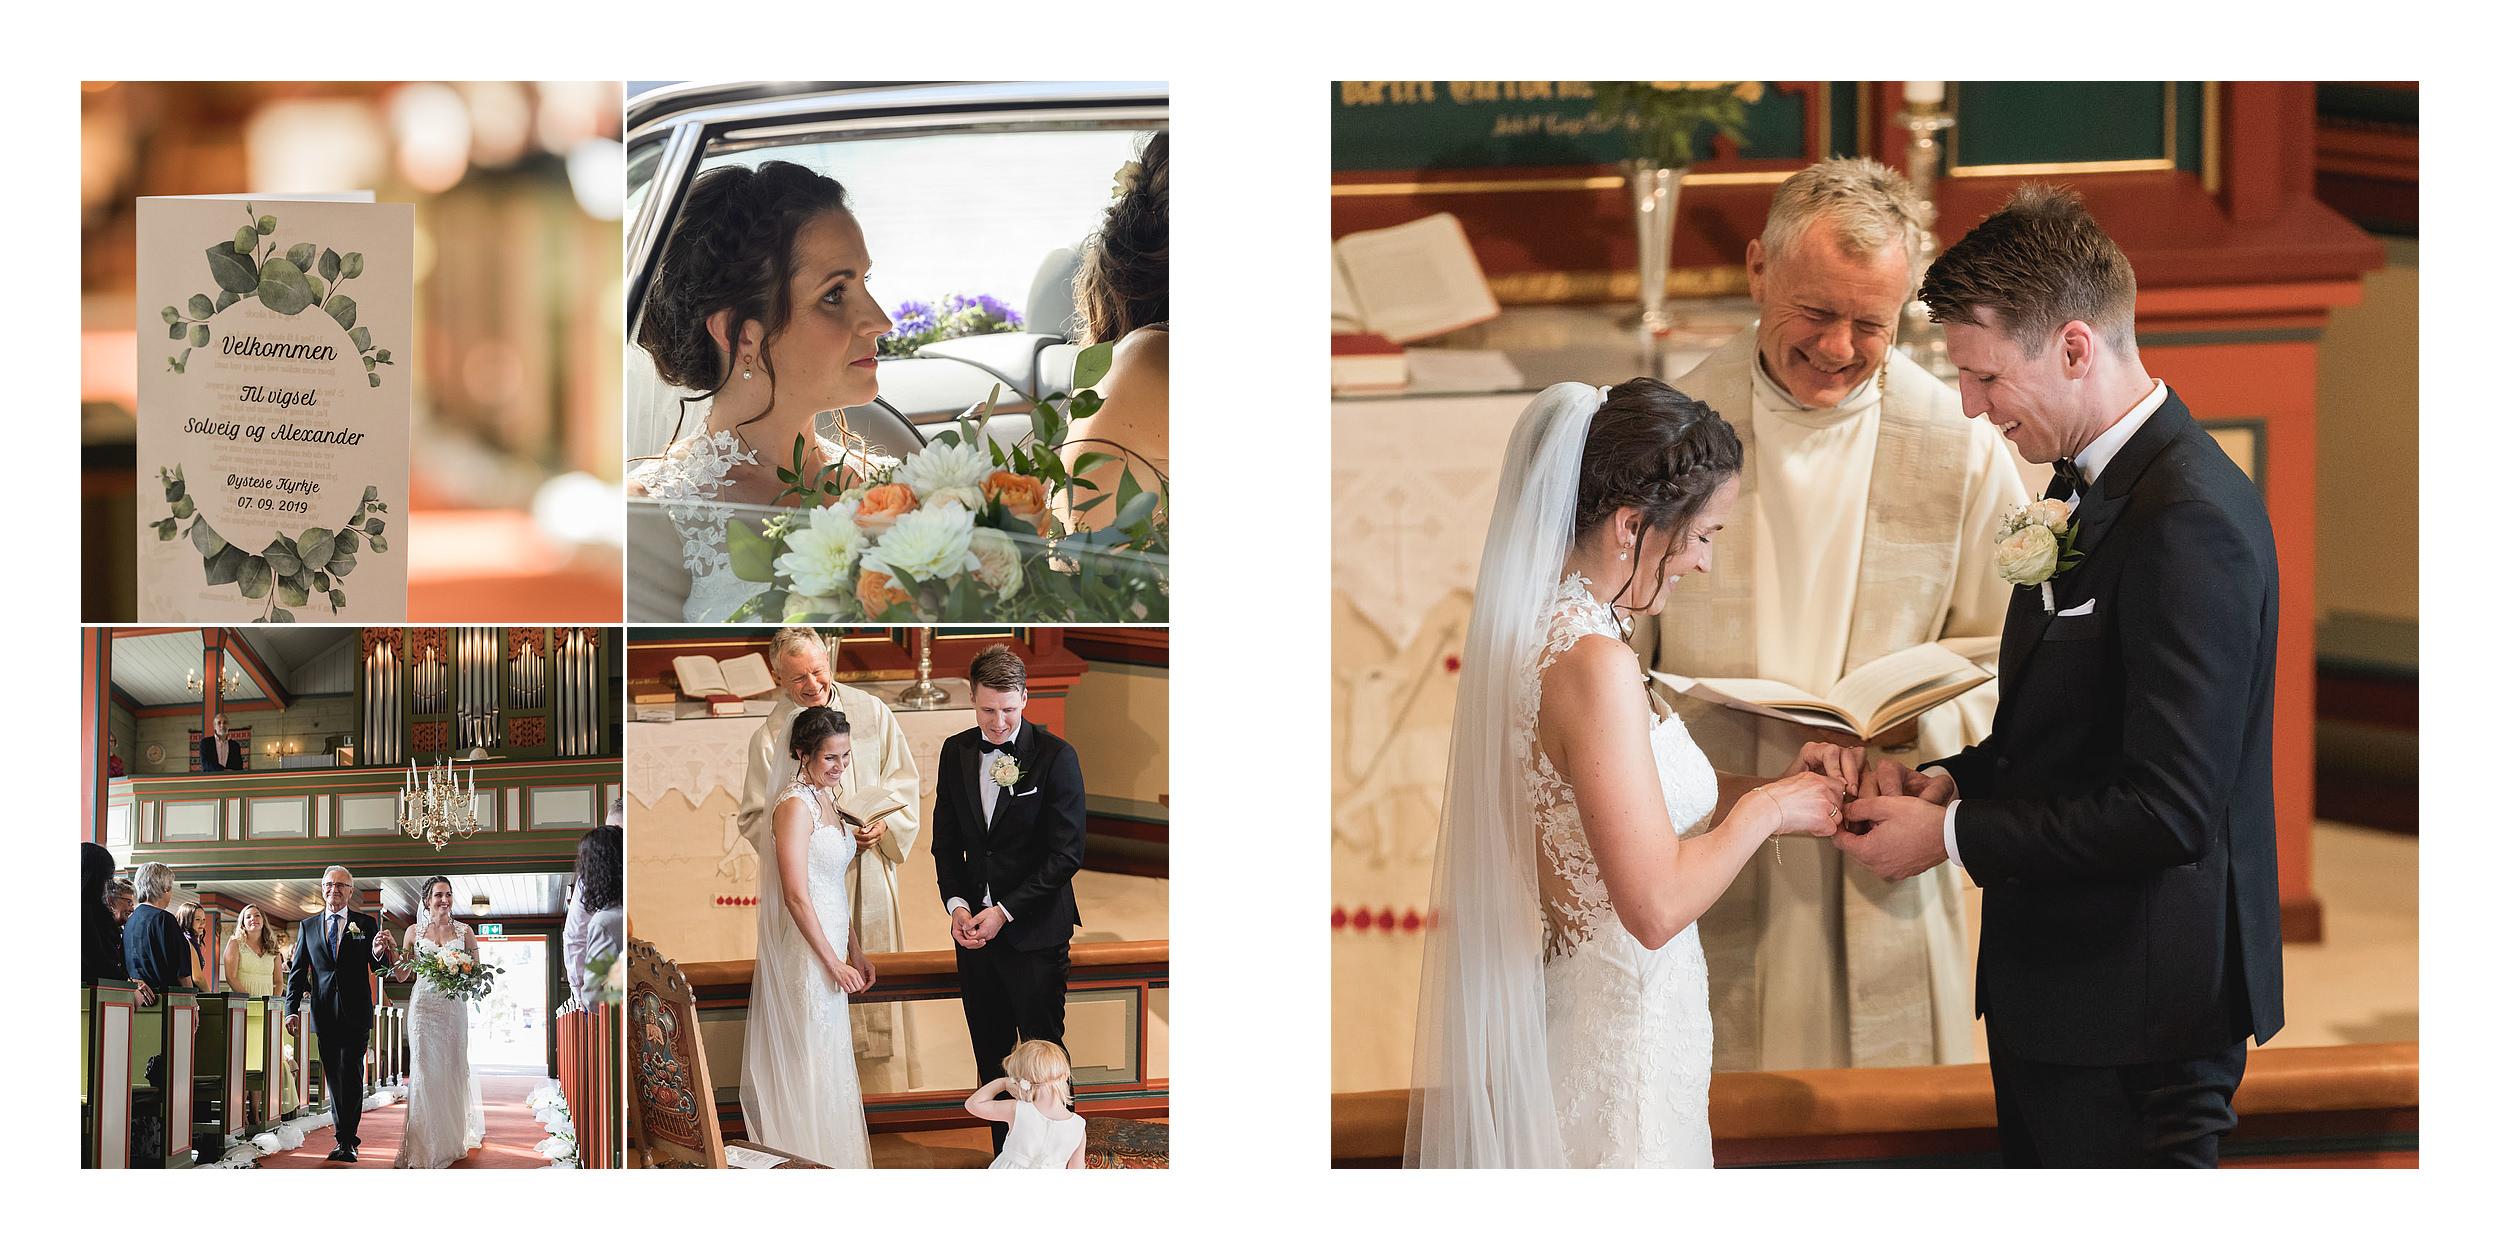 brud og brudgom i øystese kirke kyrkje vielse bryllup